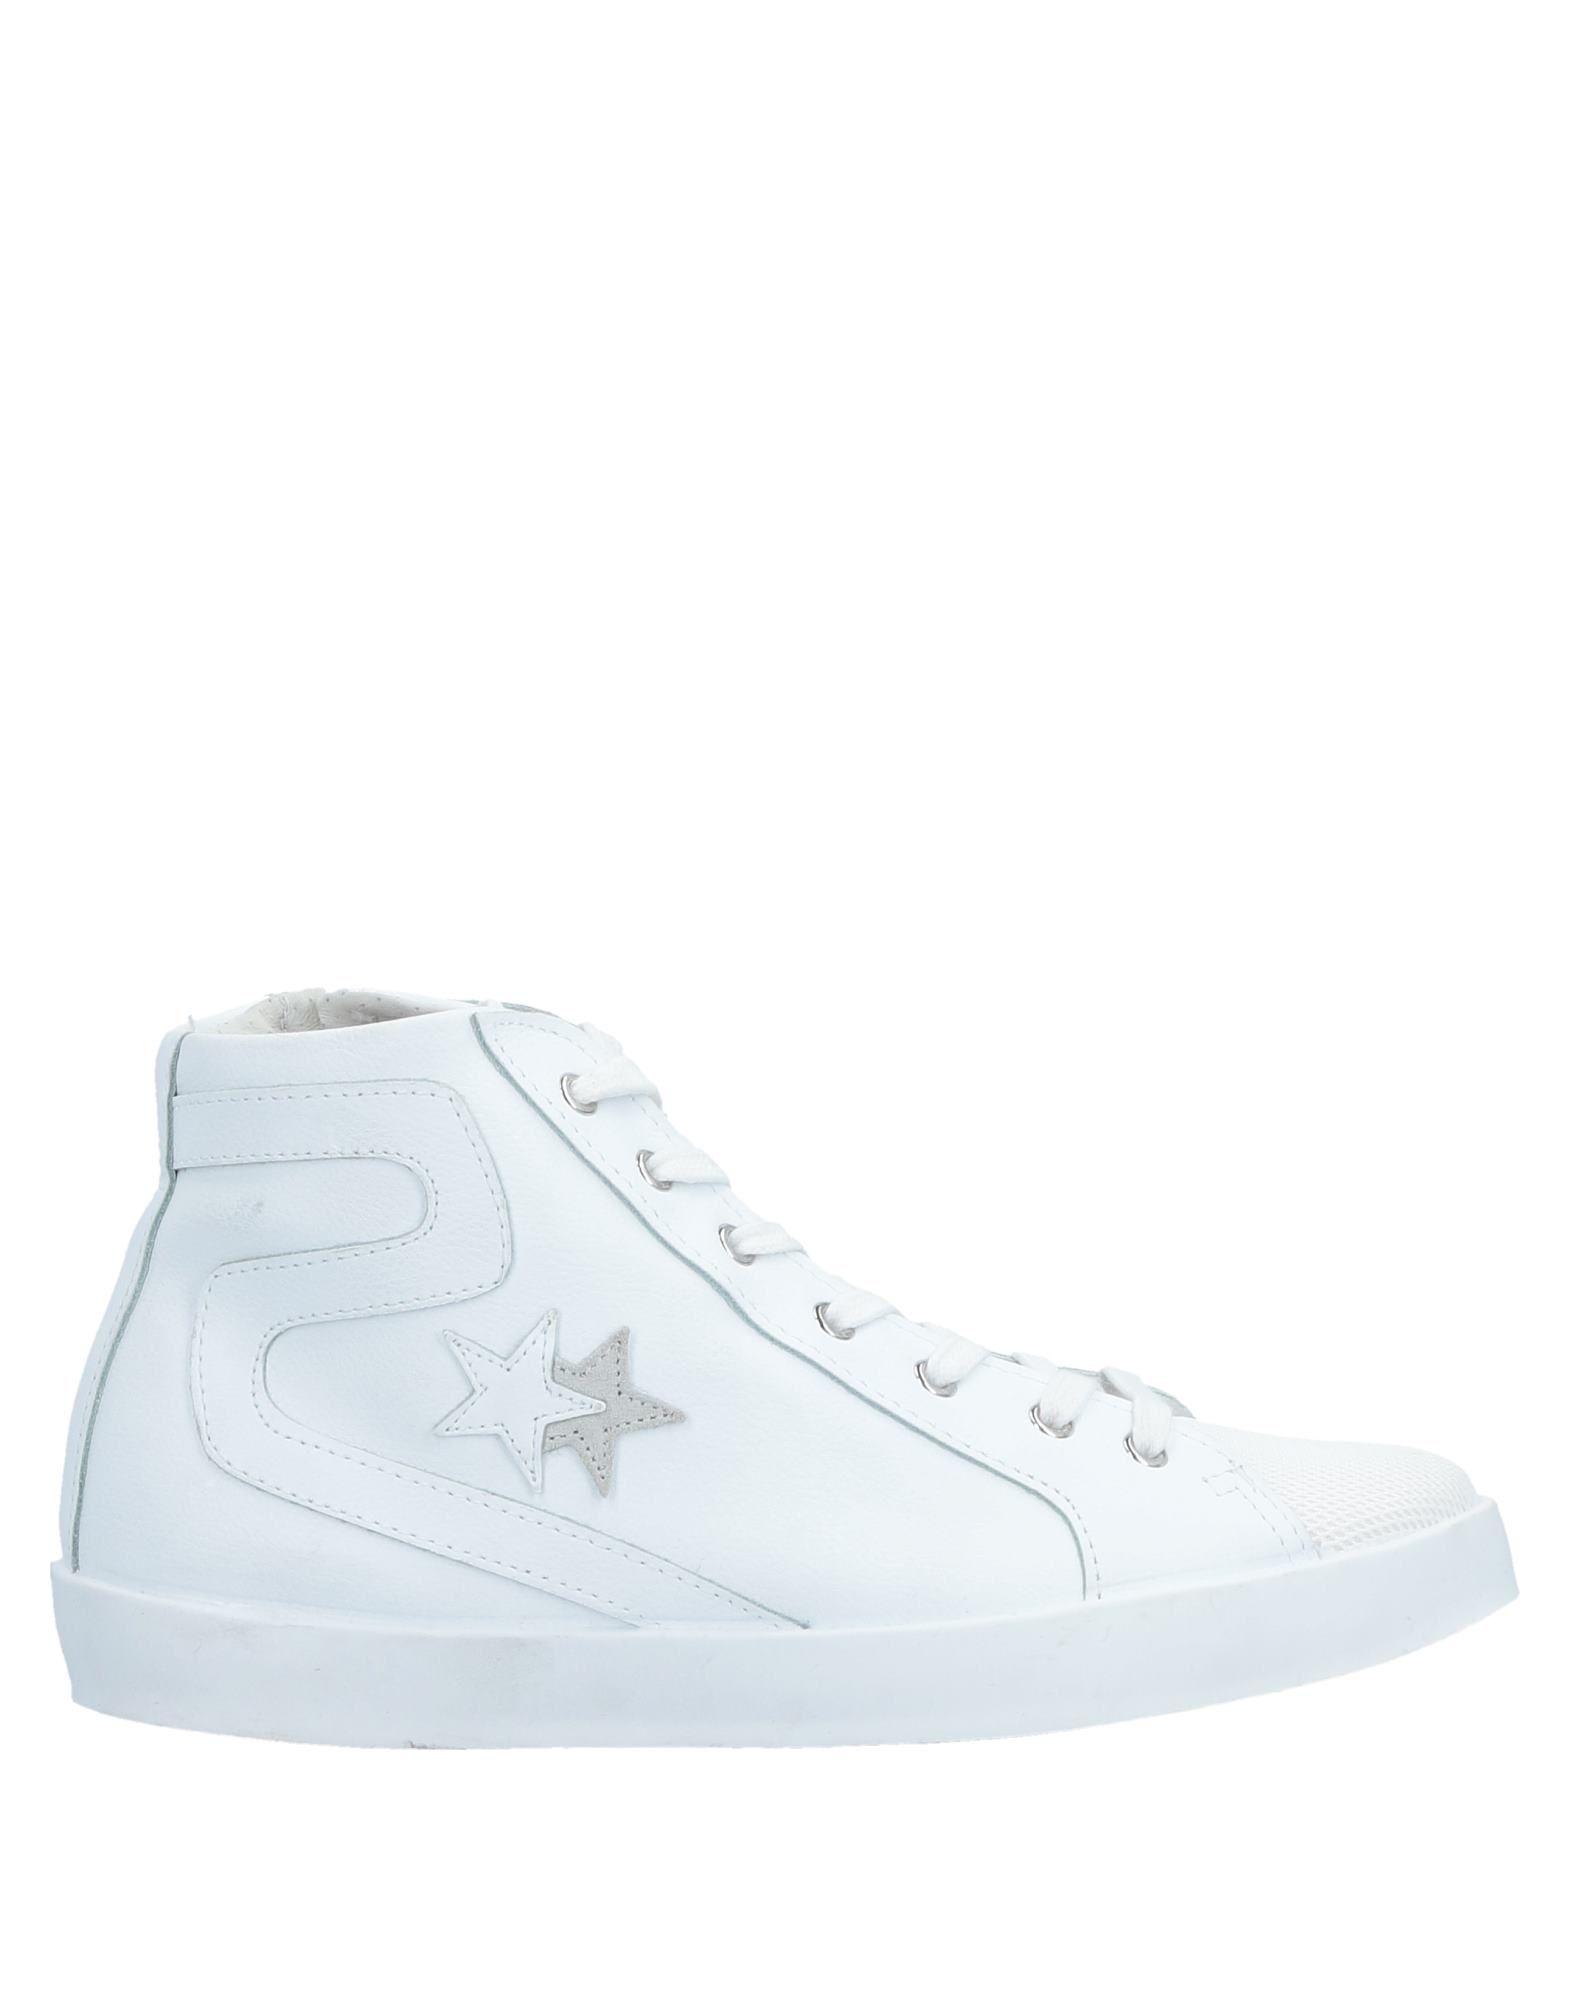 Sneakers 2Star Donna - 11521095ME Scarpe economiche e buone